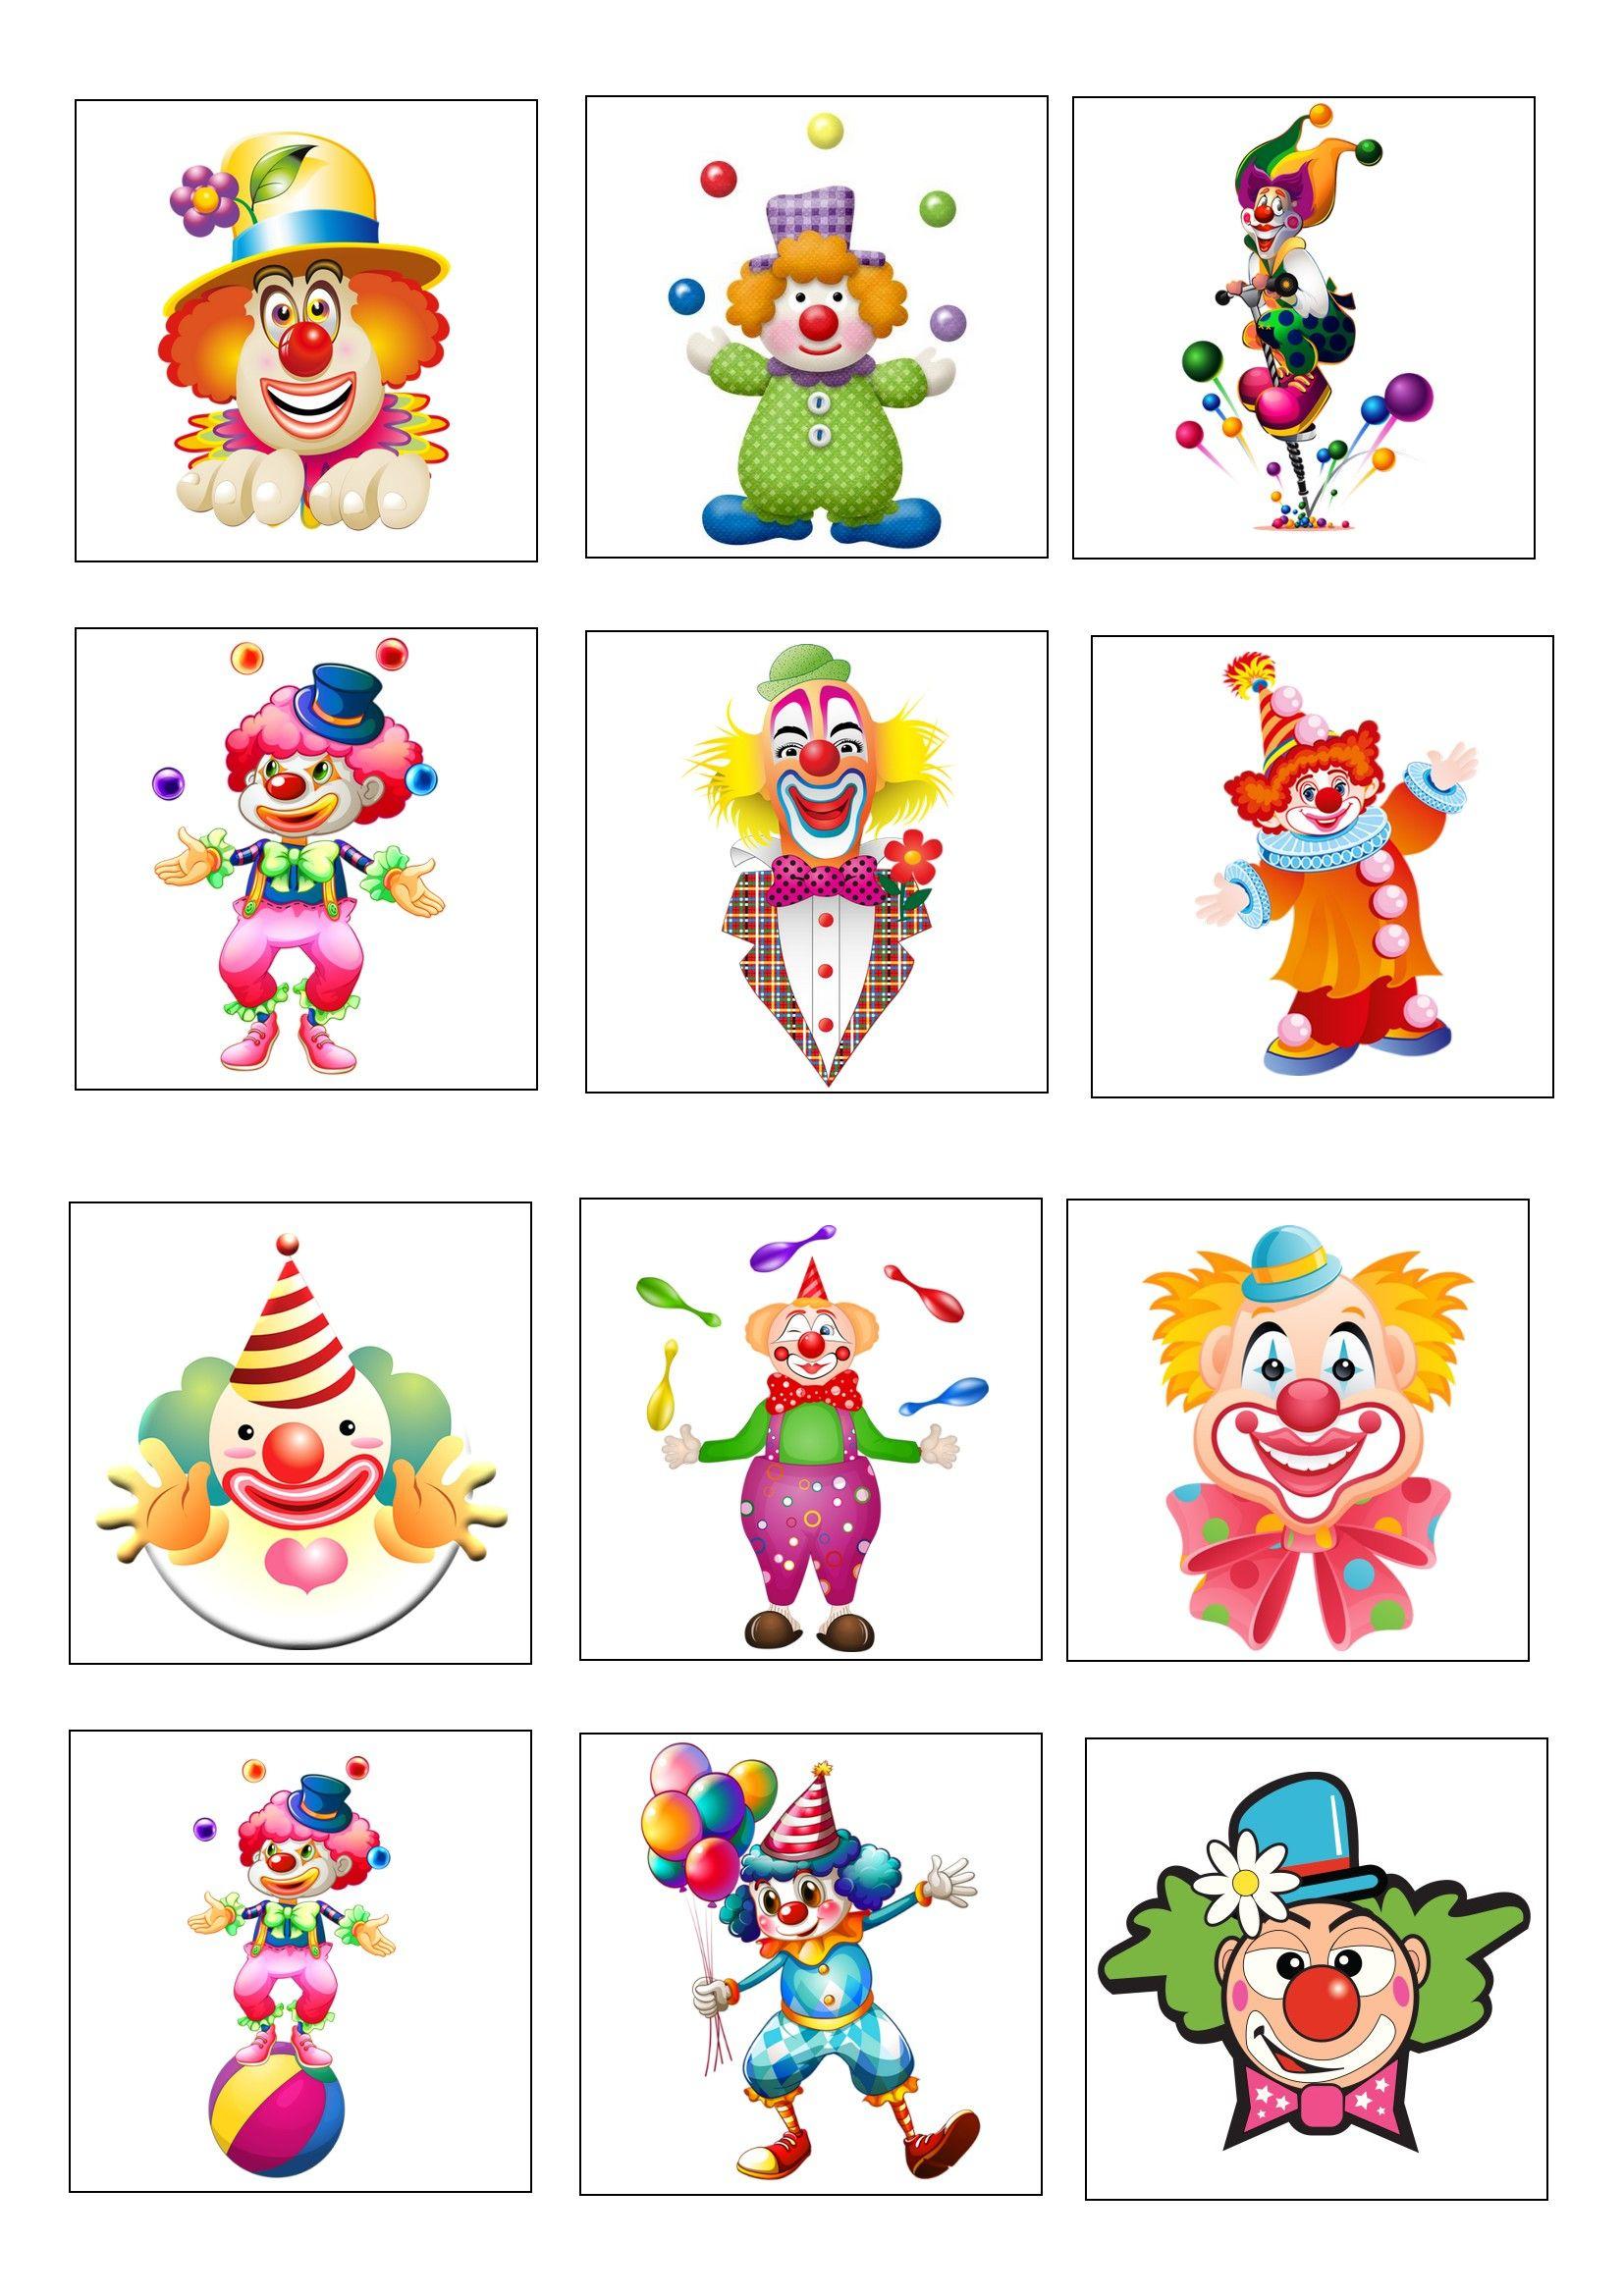 Loto Des Clowns Planche 1 À Imprimer 2 Fois | Thema avec Jeux De Clown Tueur Gratuit